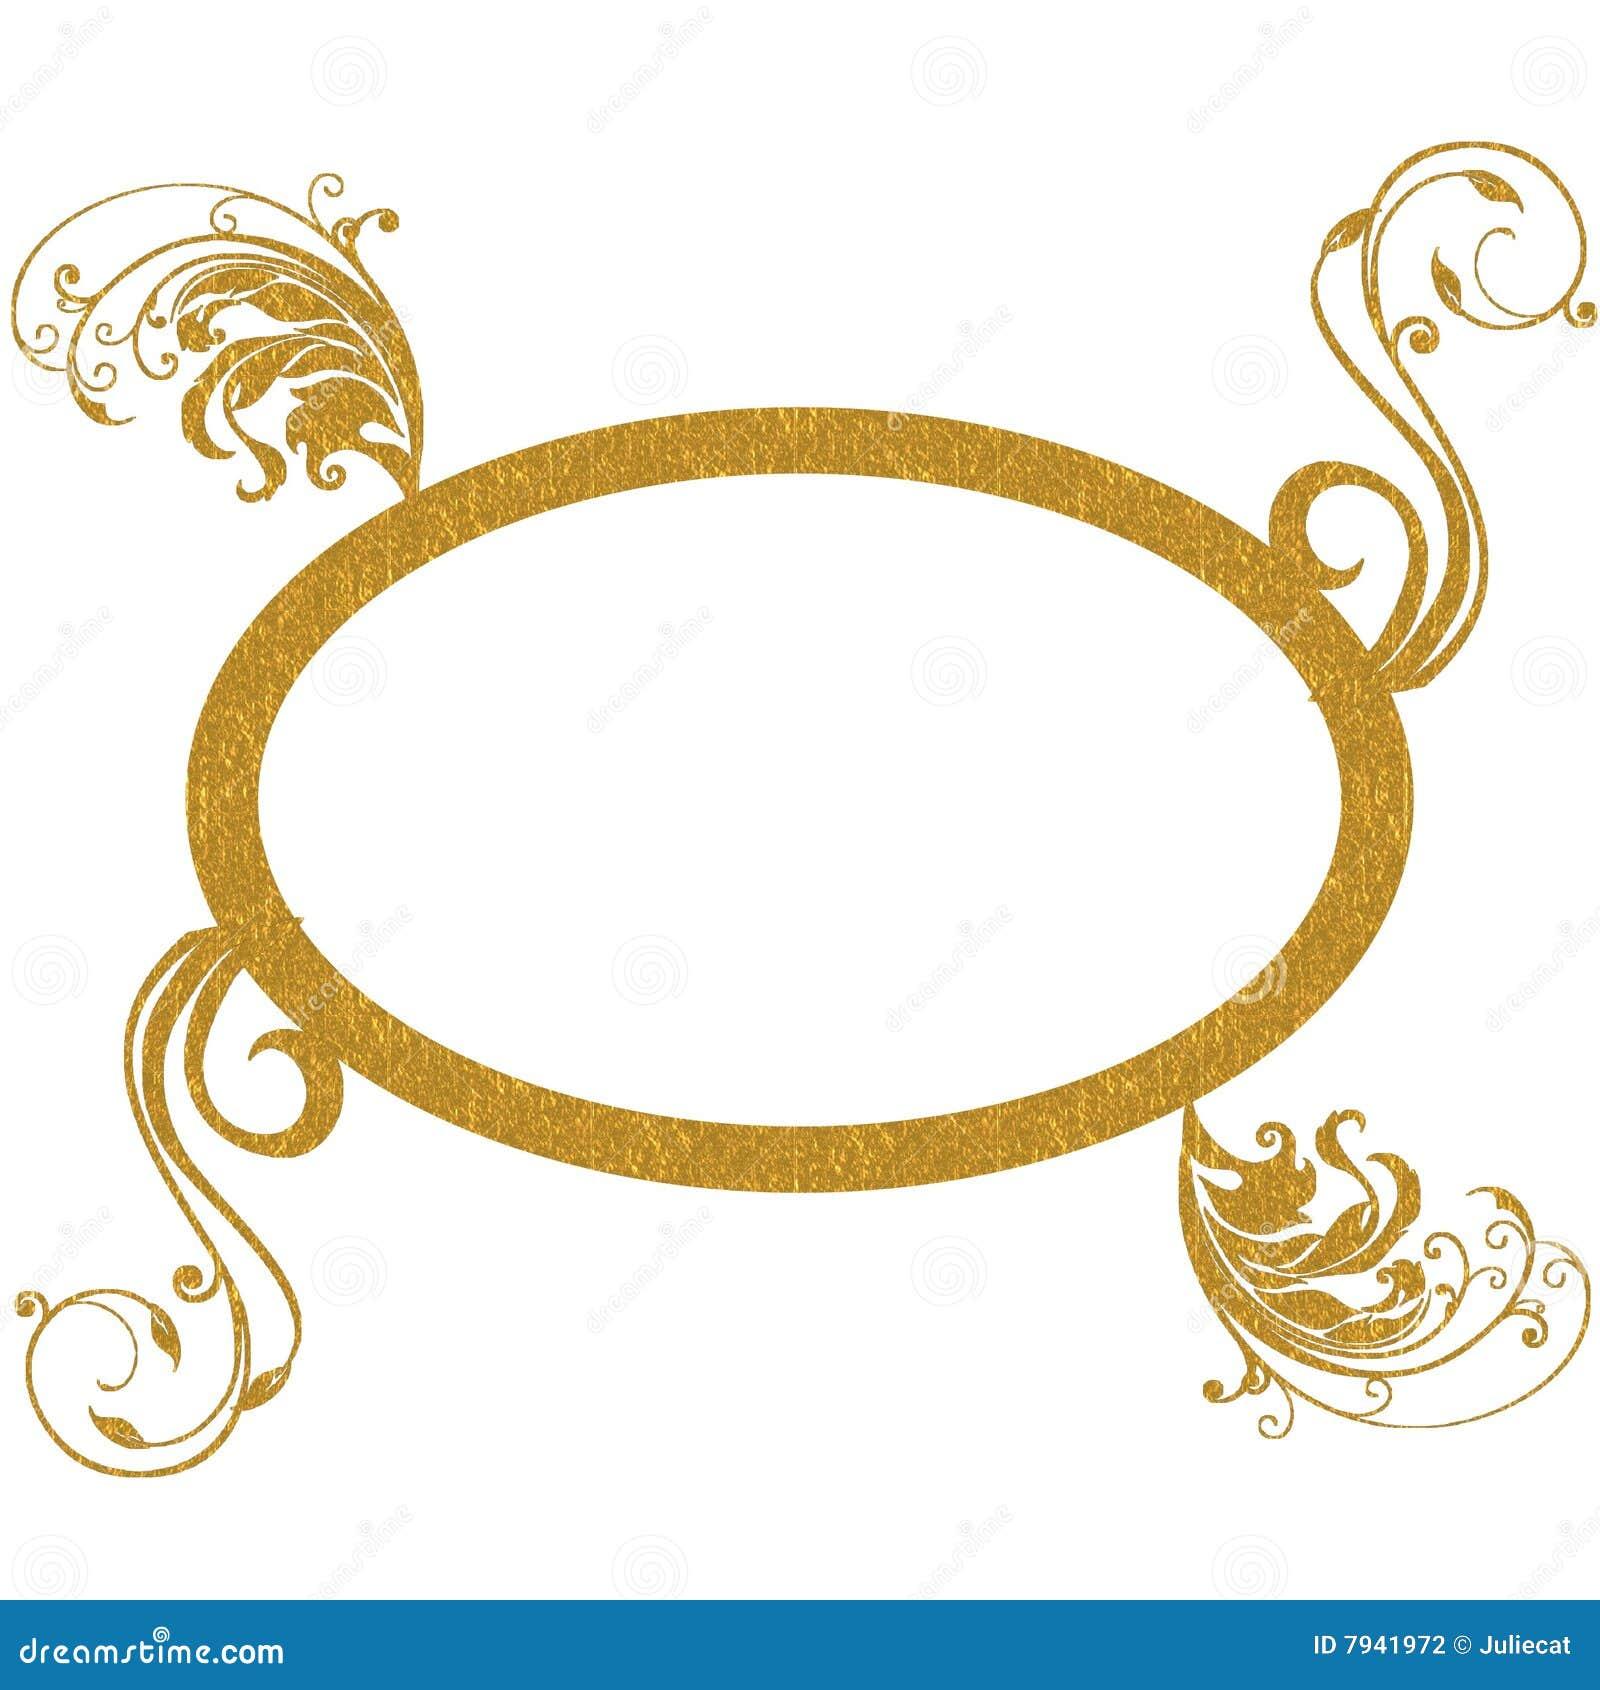 Gold Oval Frame Decorative Patterns Stock Illustration ...